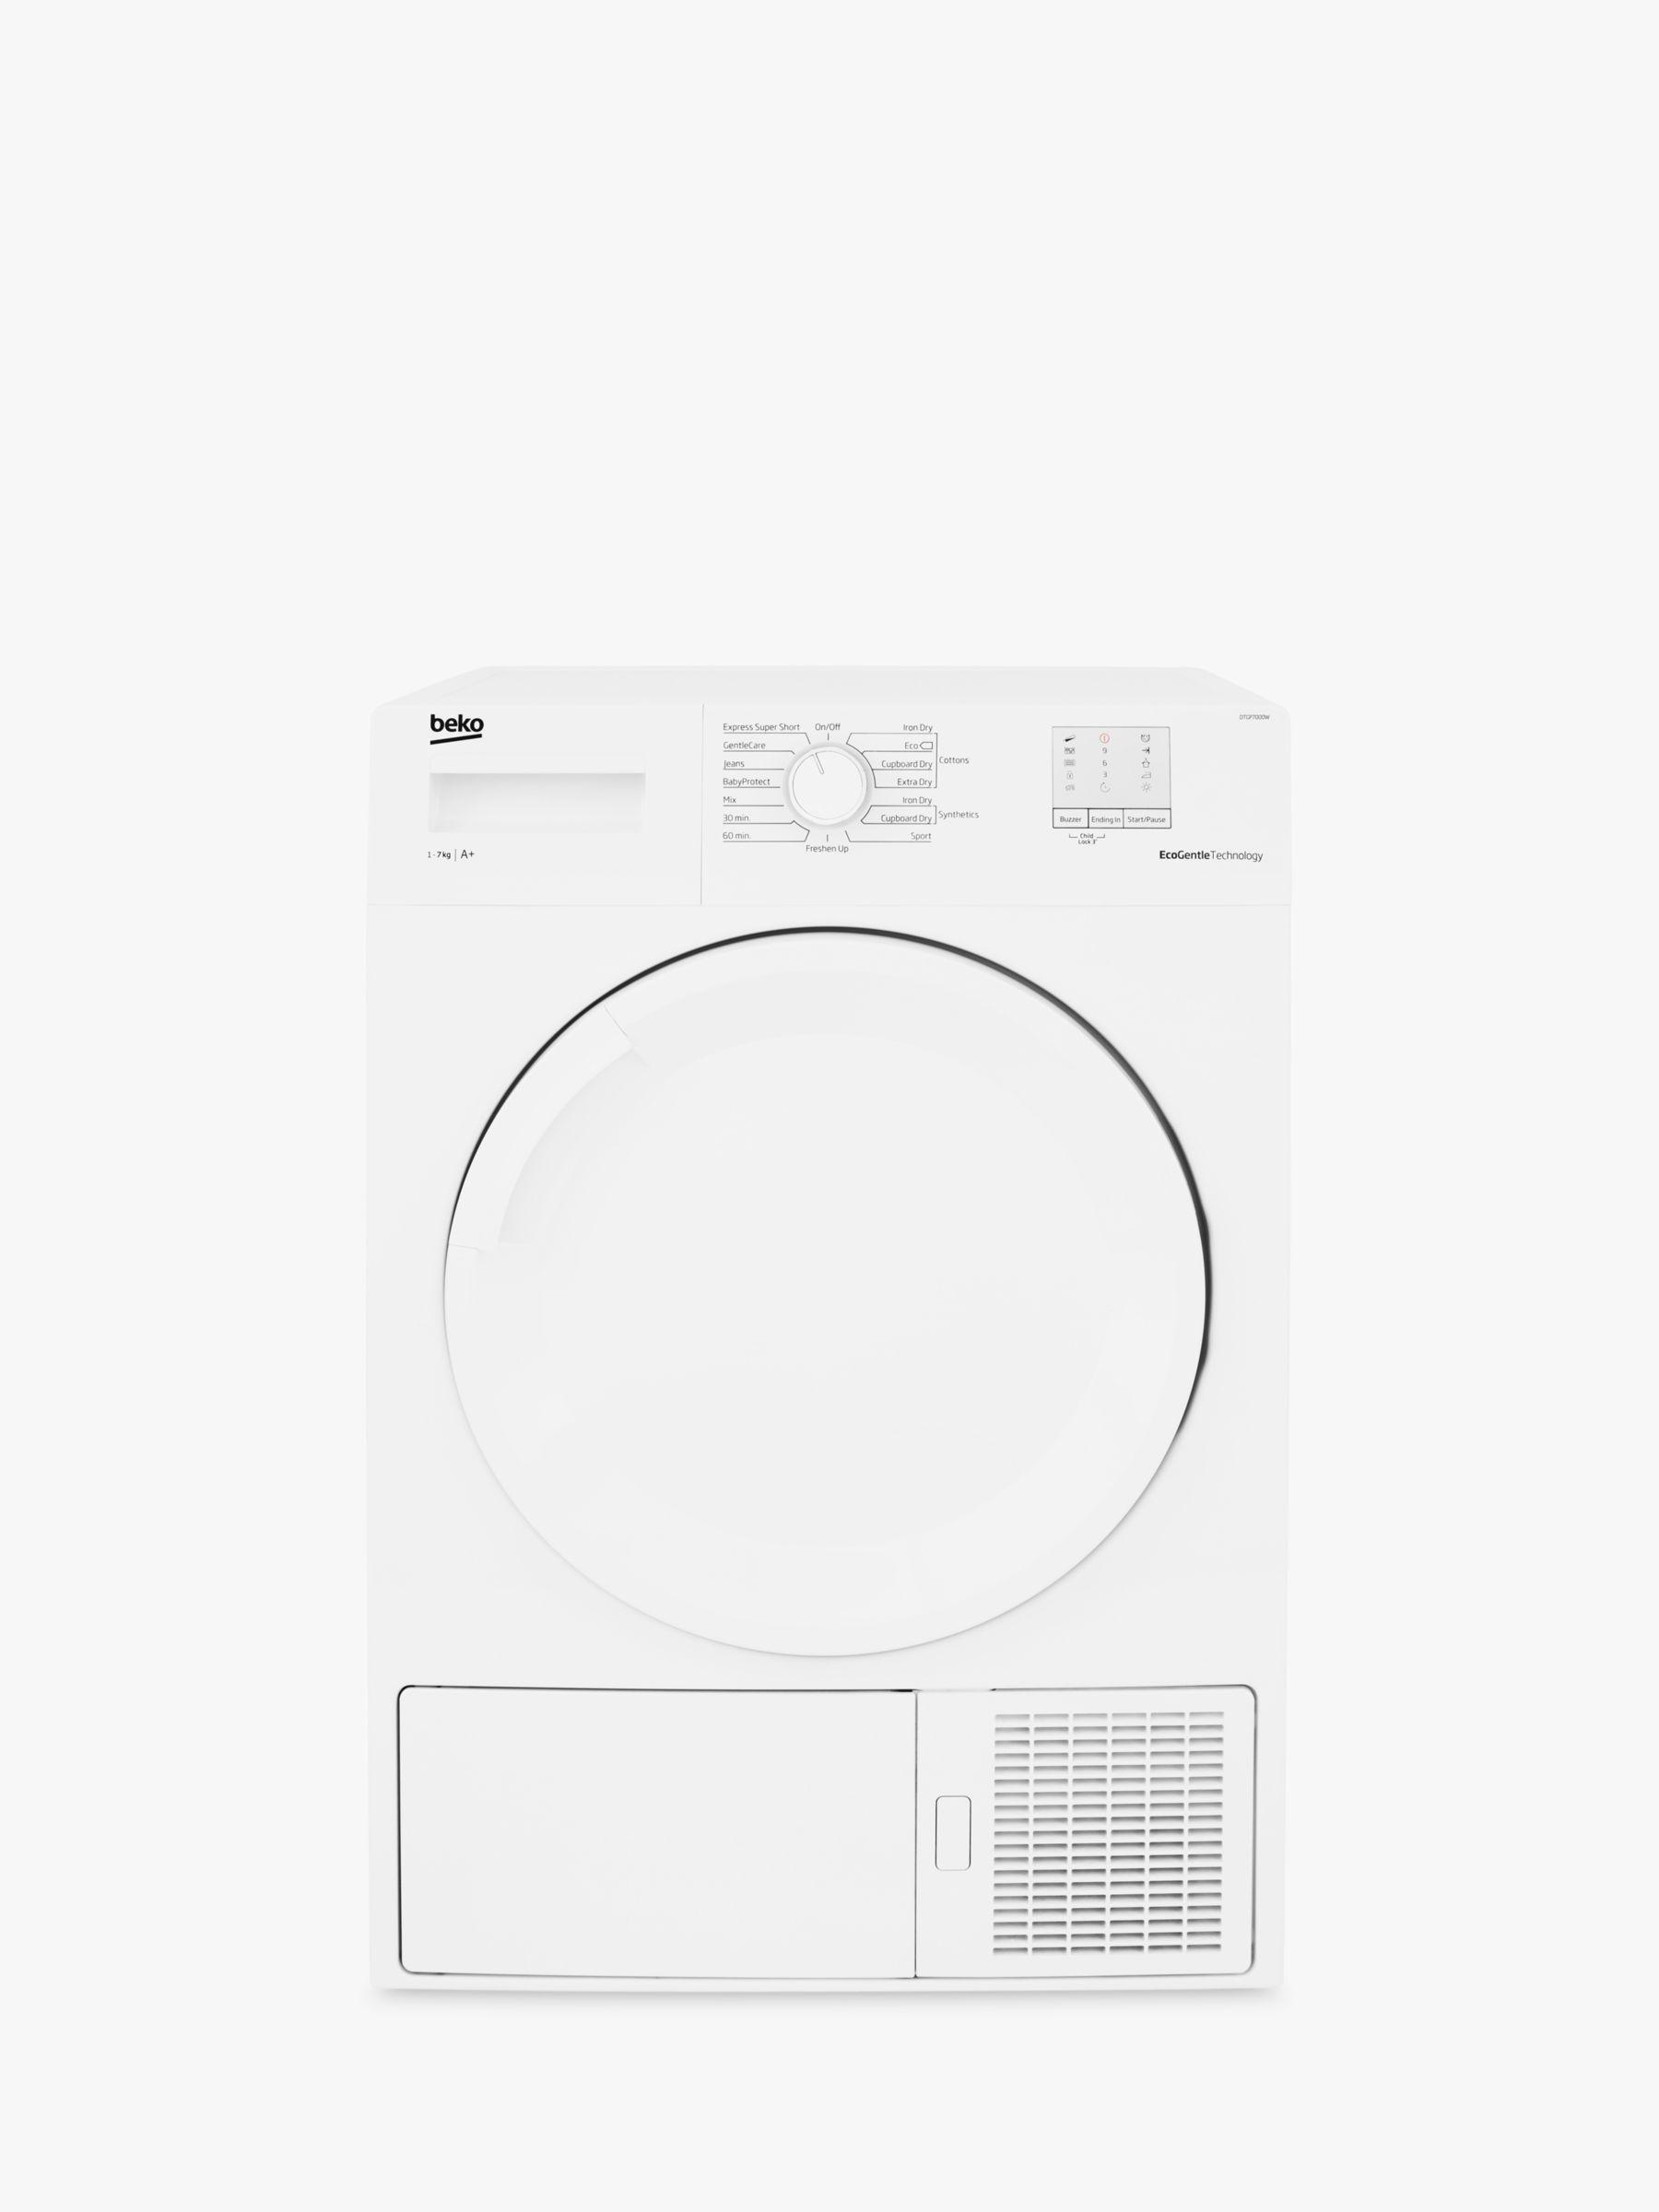 Beko Beko DTGP7000W Freestanding Slim Depth Heat Pump Tumber Dryer, 7kg Load, A+ Energy Rating, White